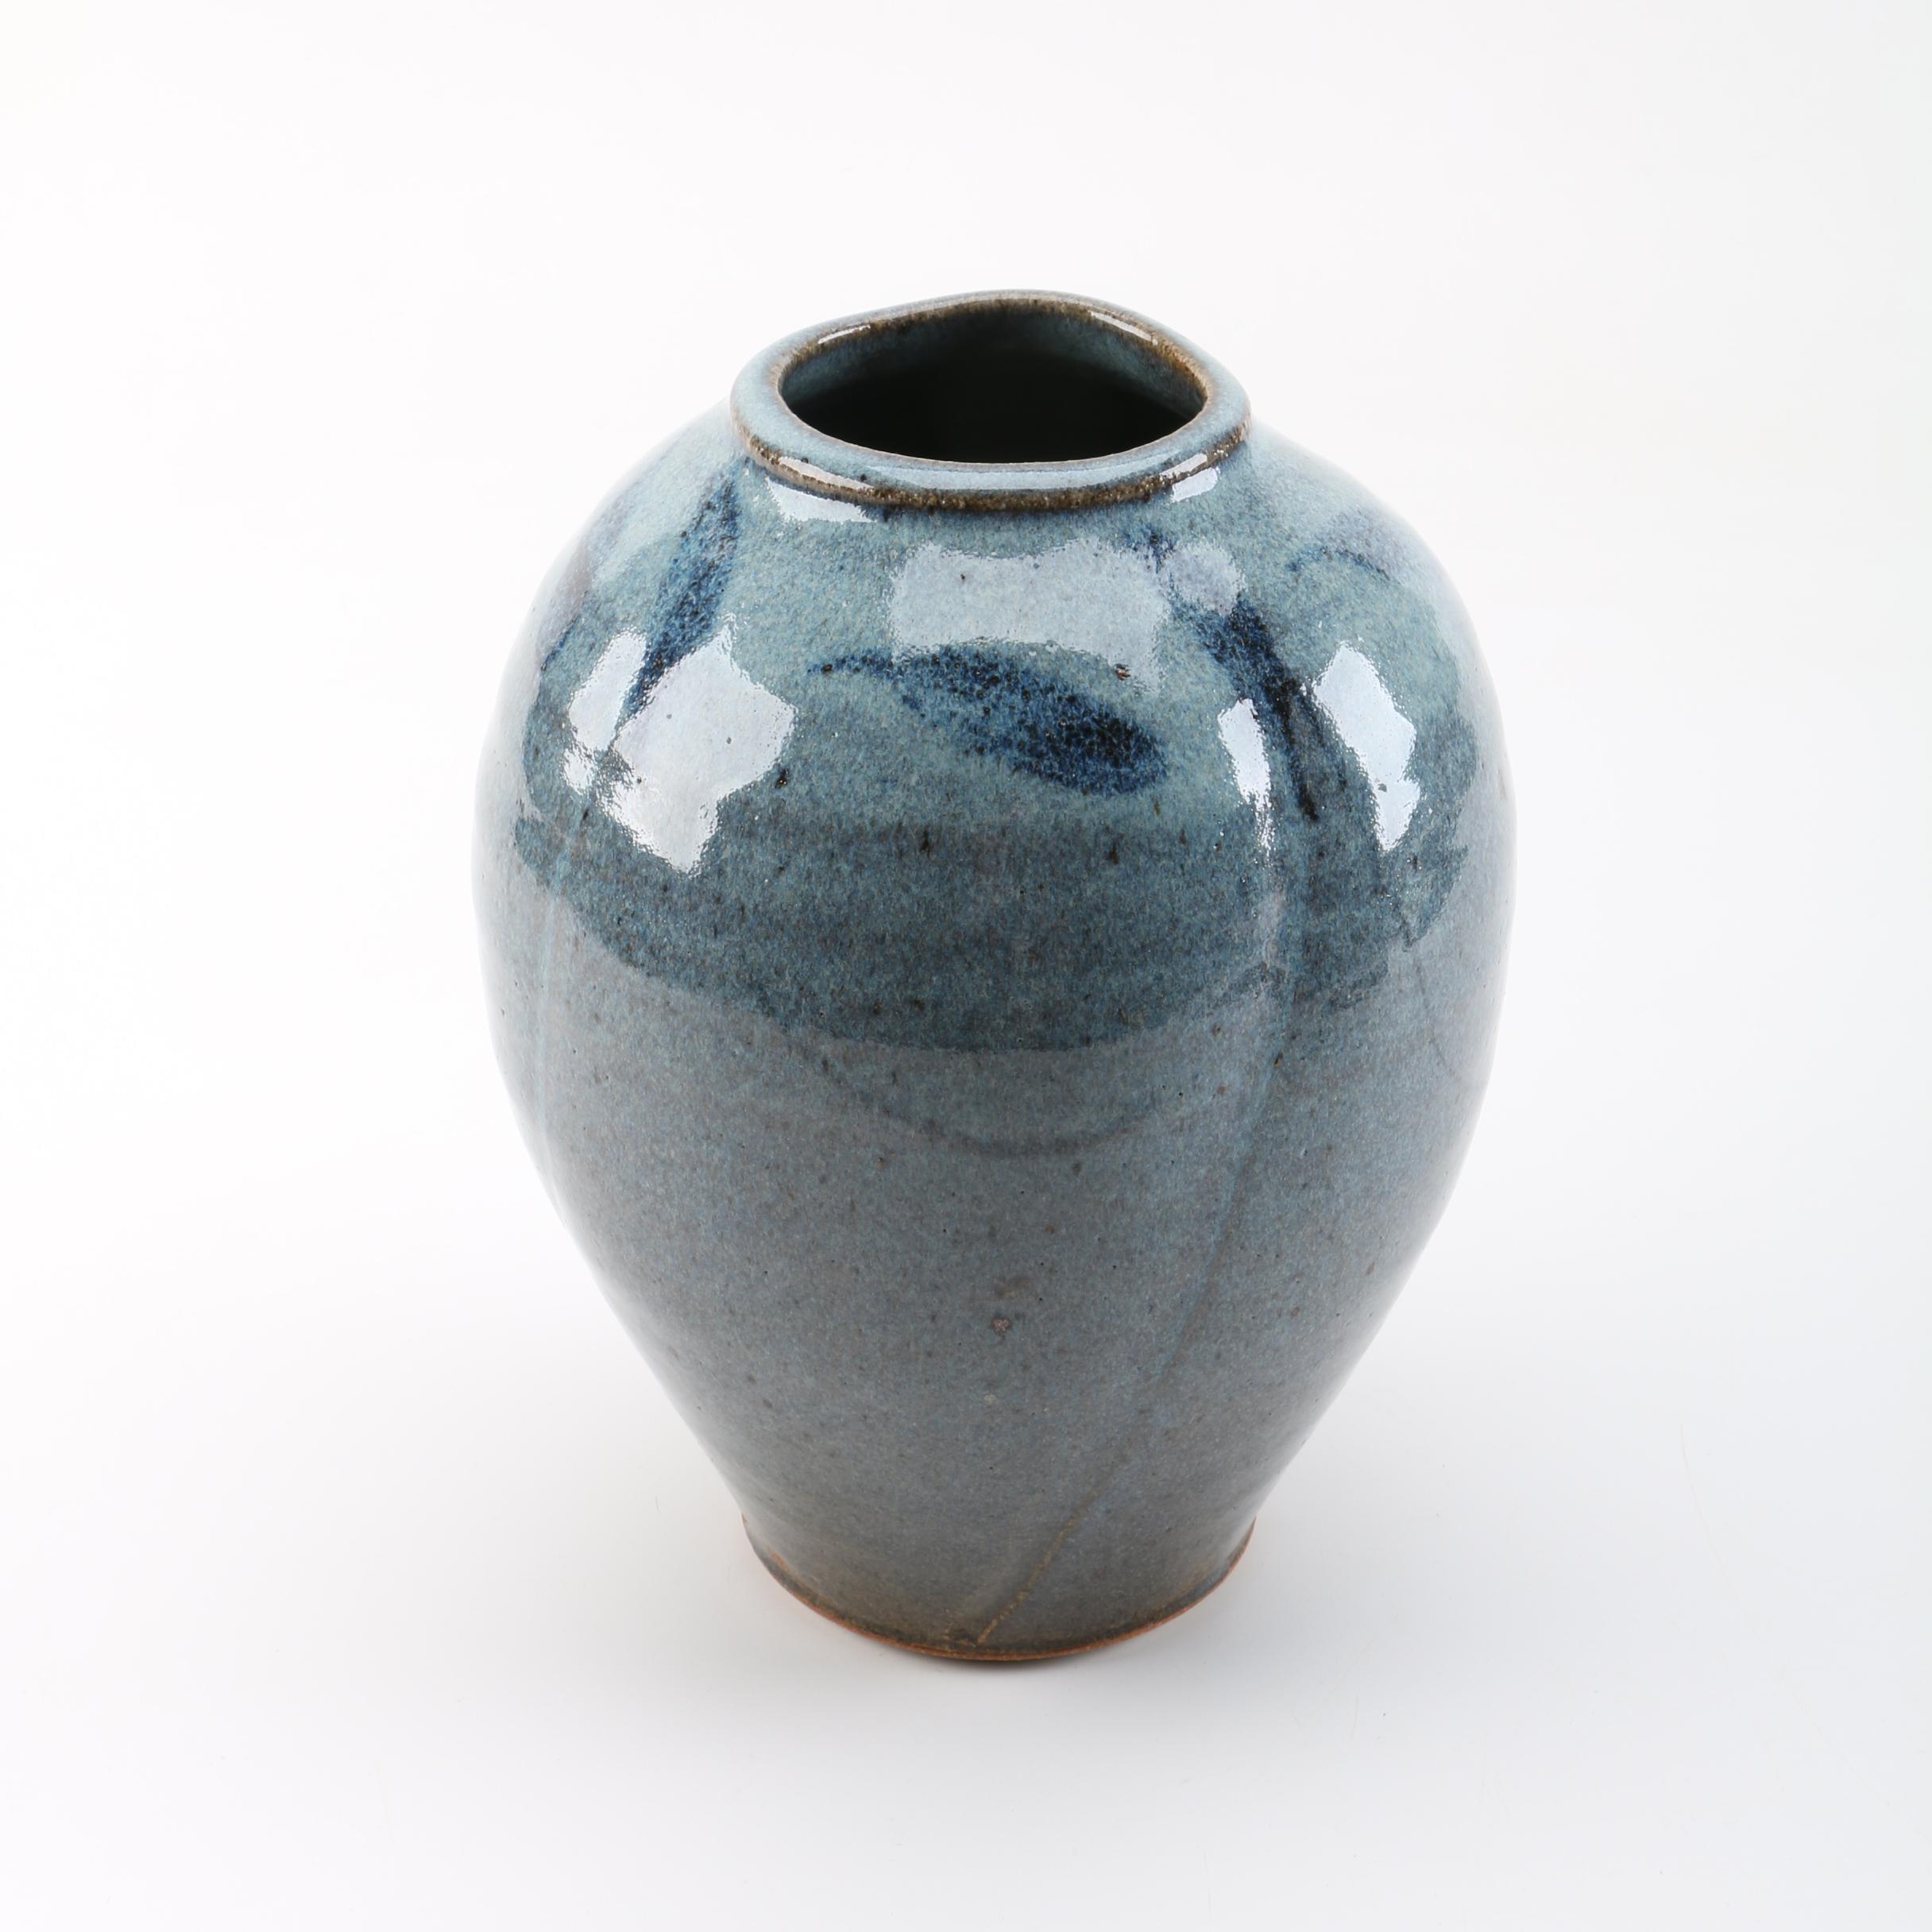 Blue Glazed Stoneware Vase